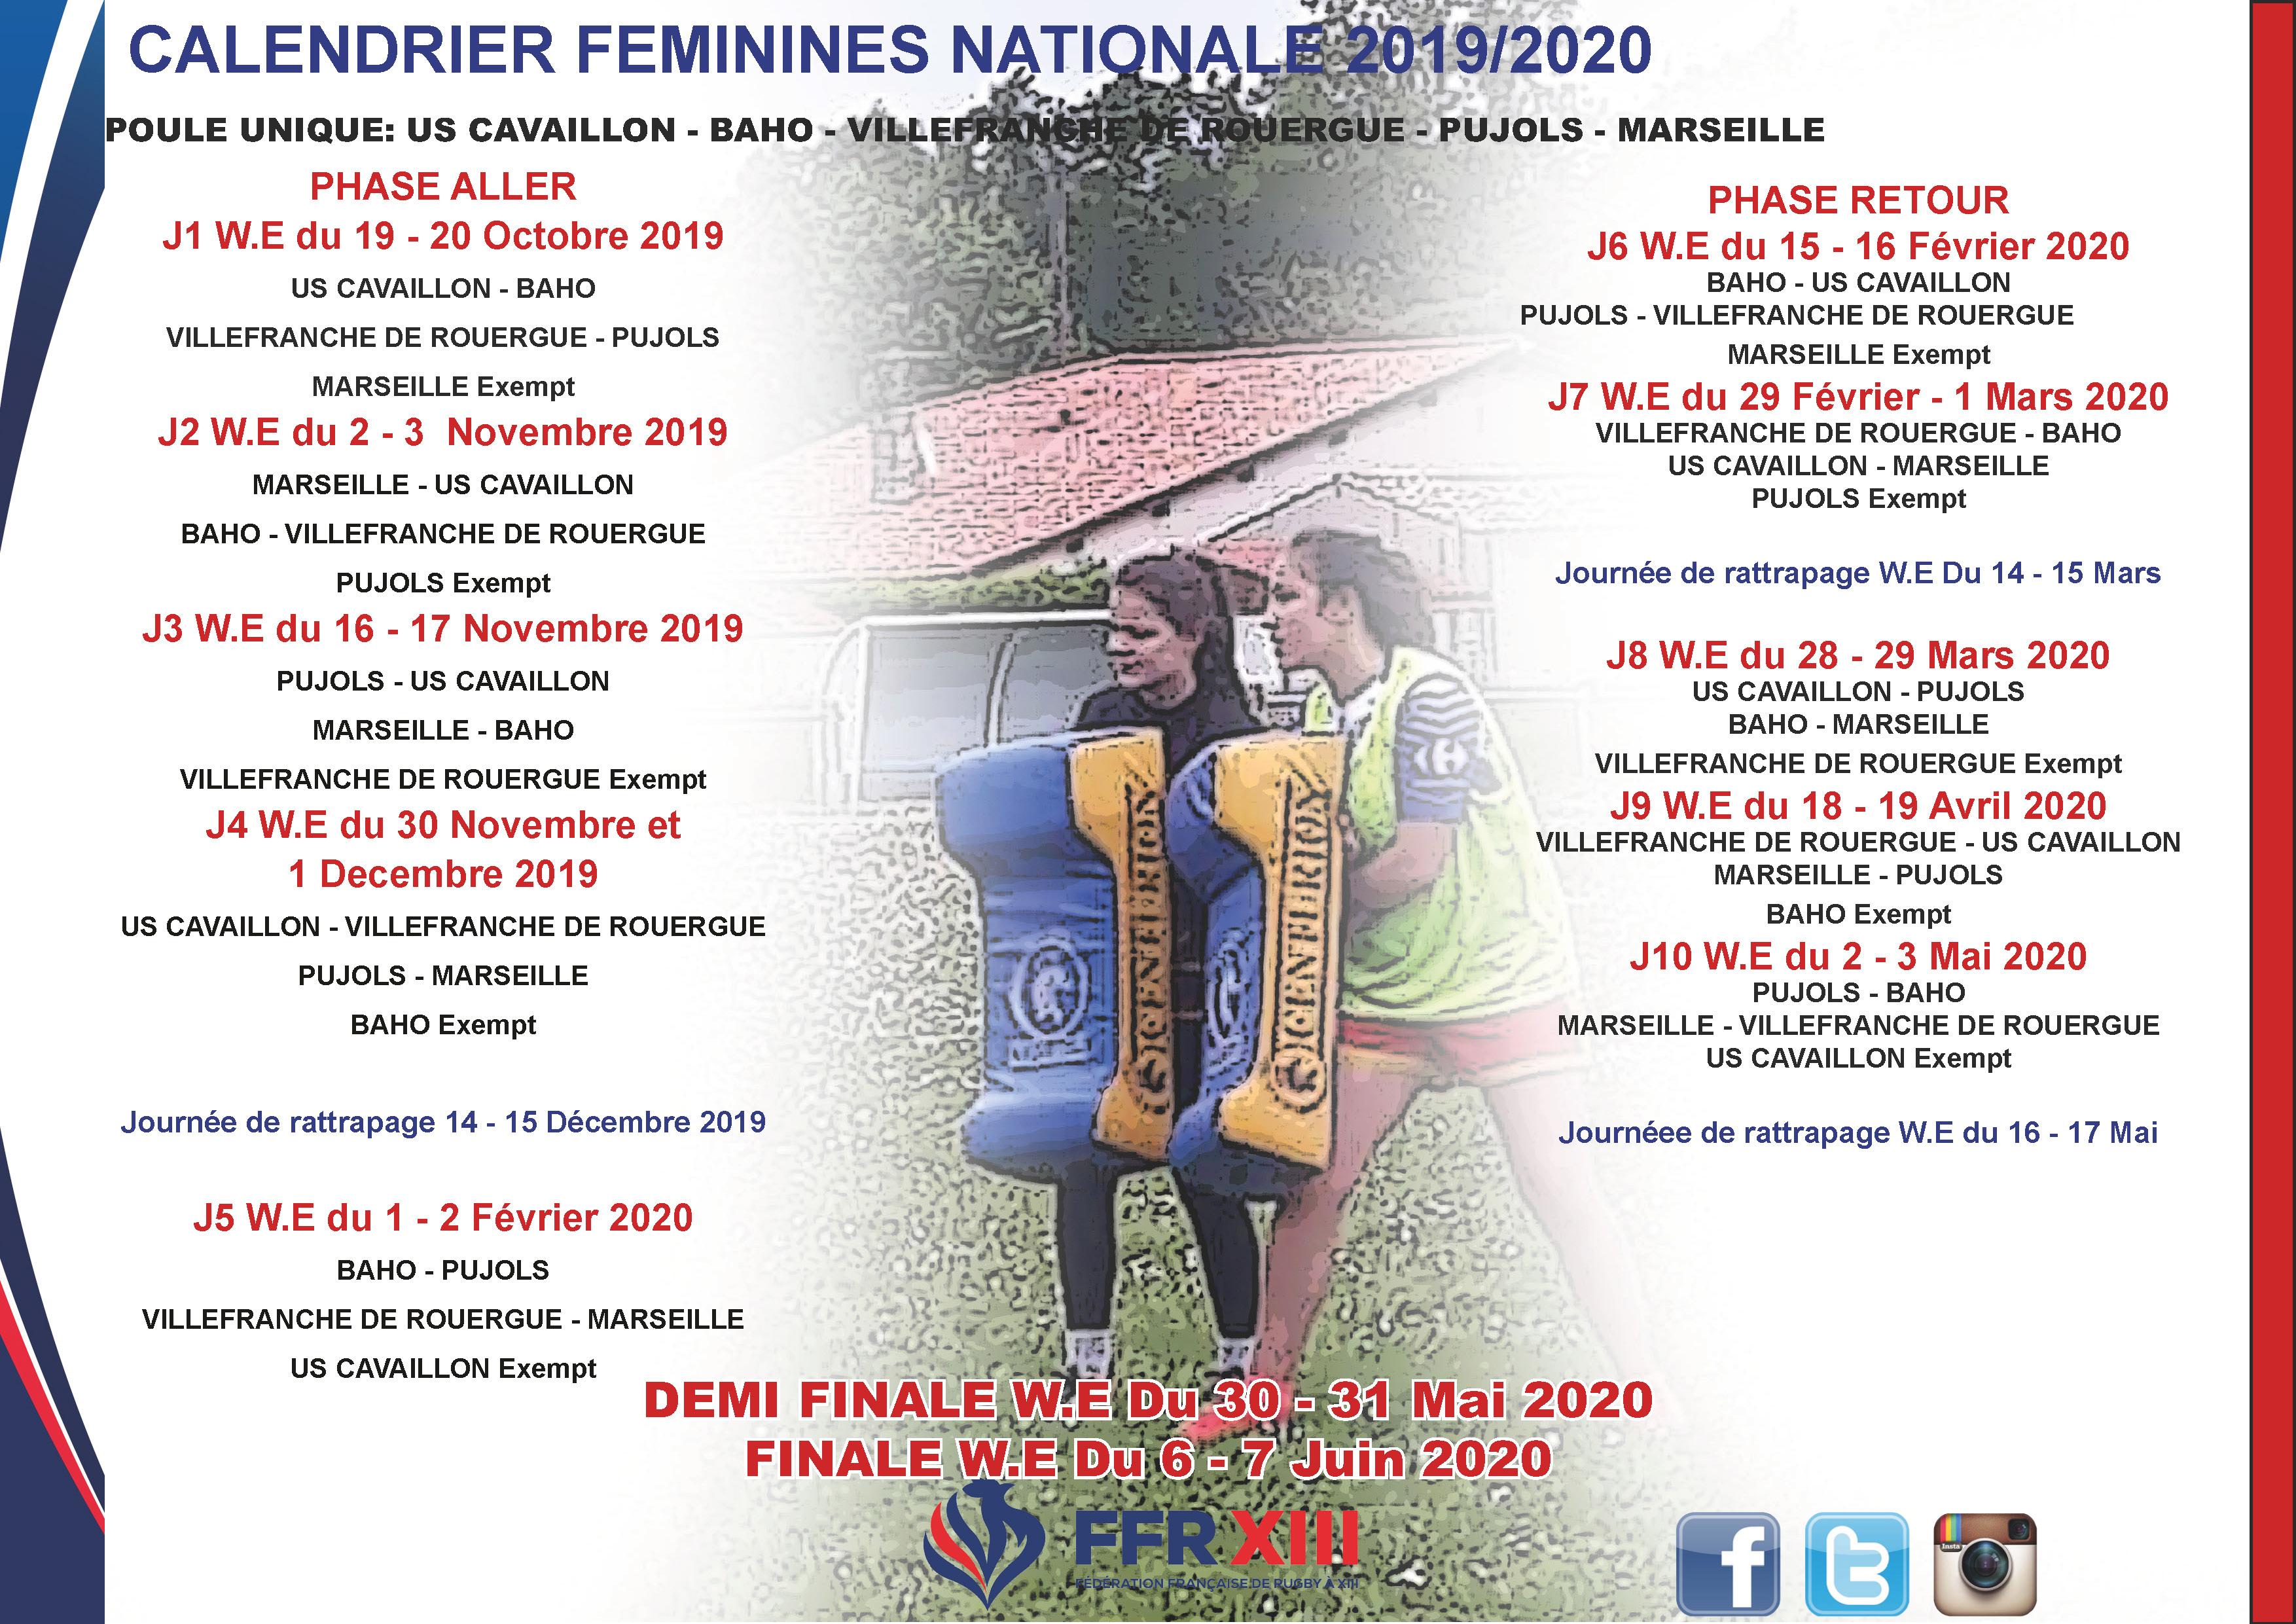 Calendrier Saison 2020.Les Calendriers Feminines Saison 2019 2020 Disponibles